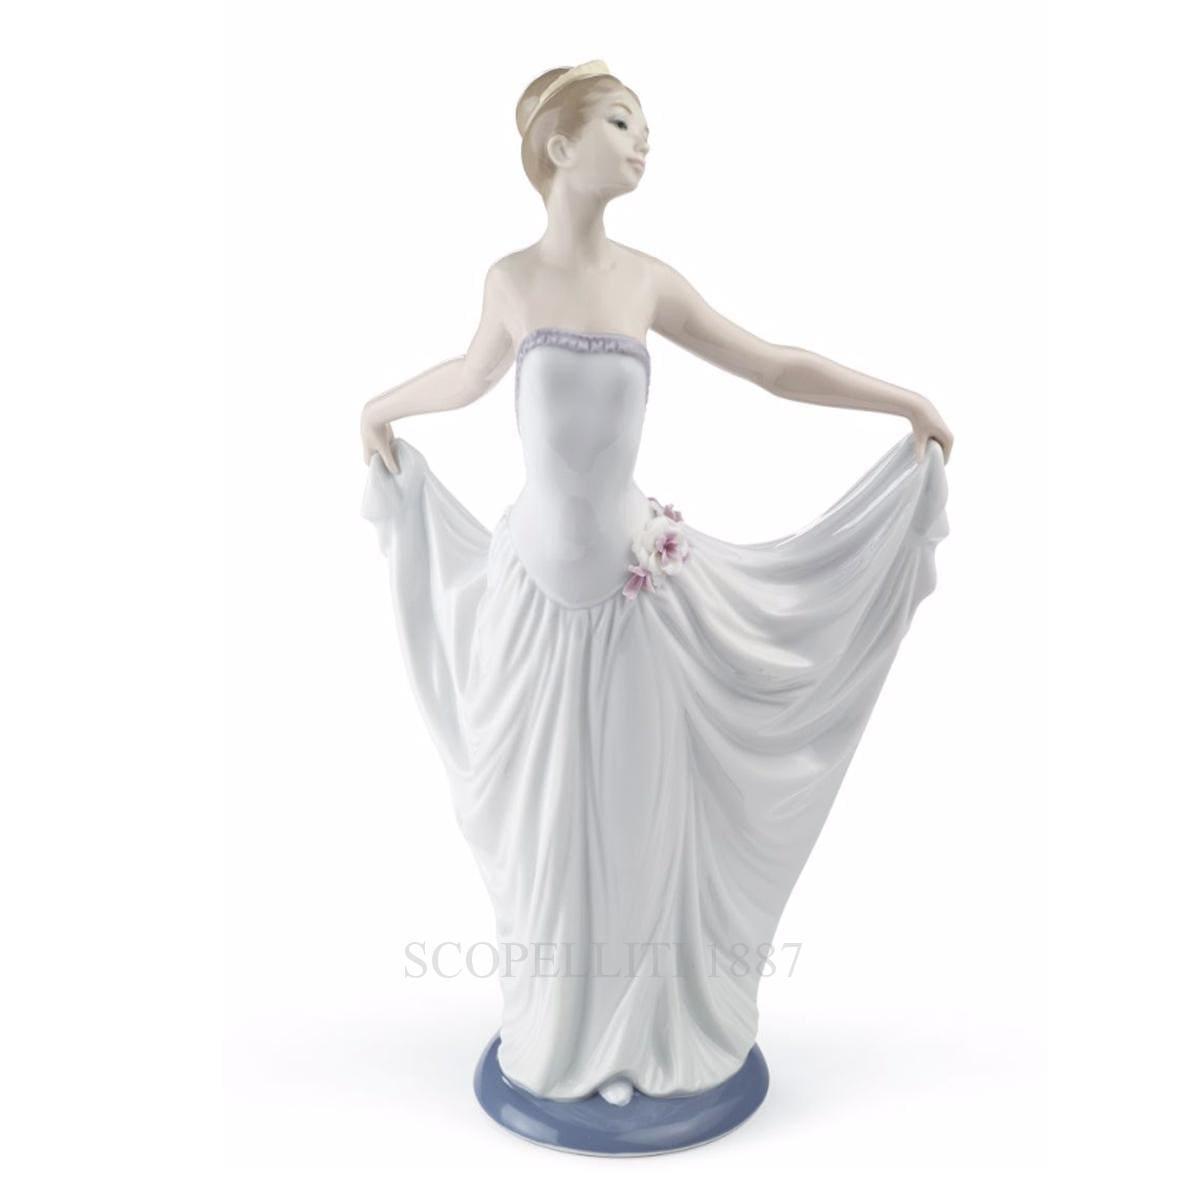 lladro ballet dancer porcelain figurine